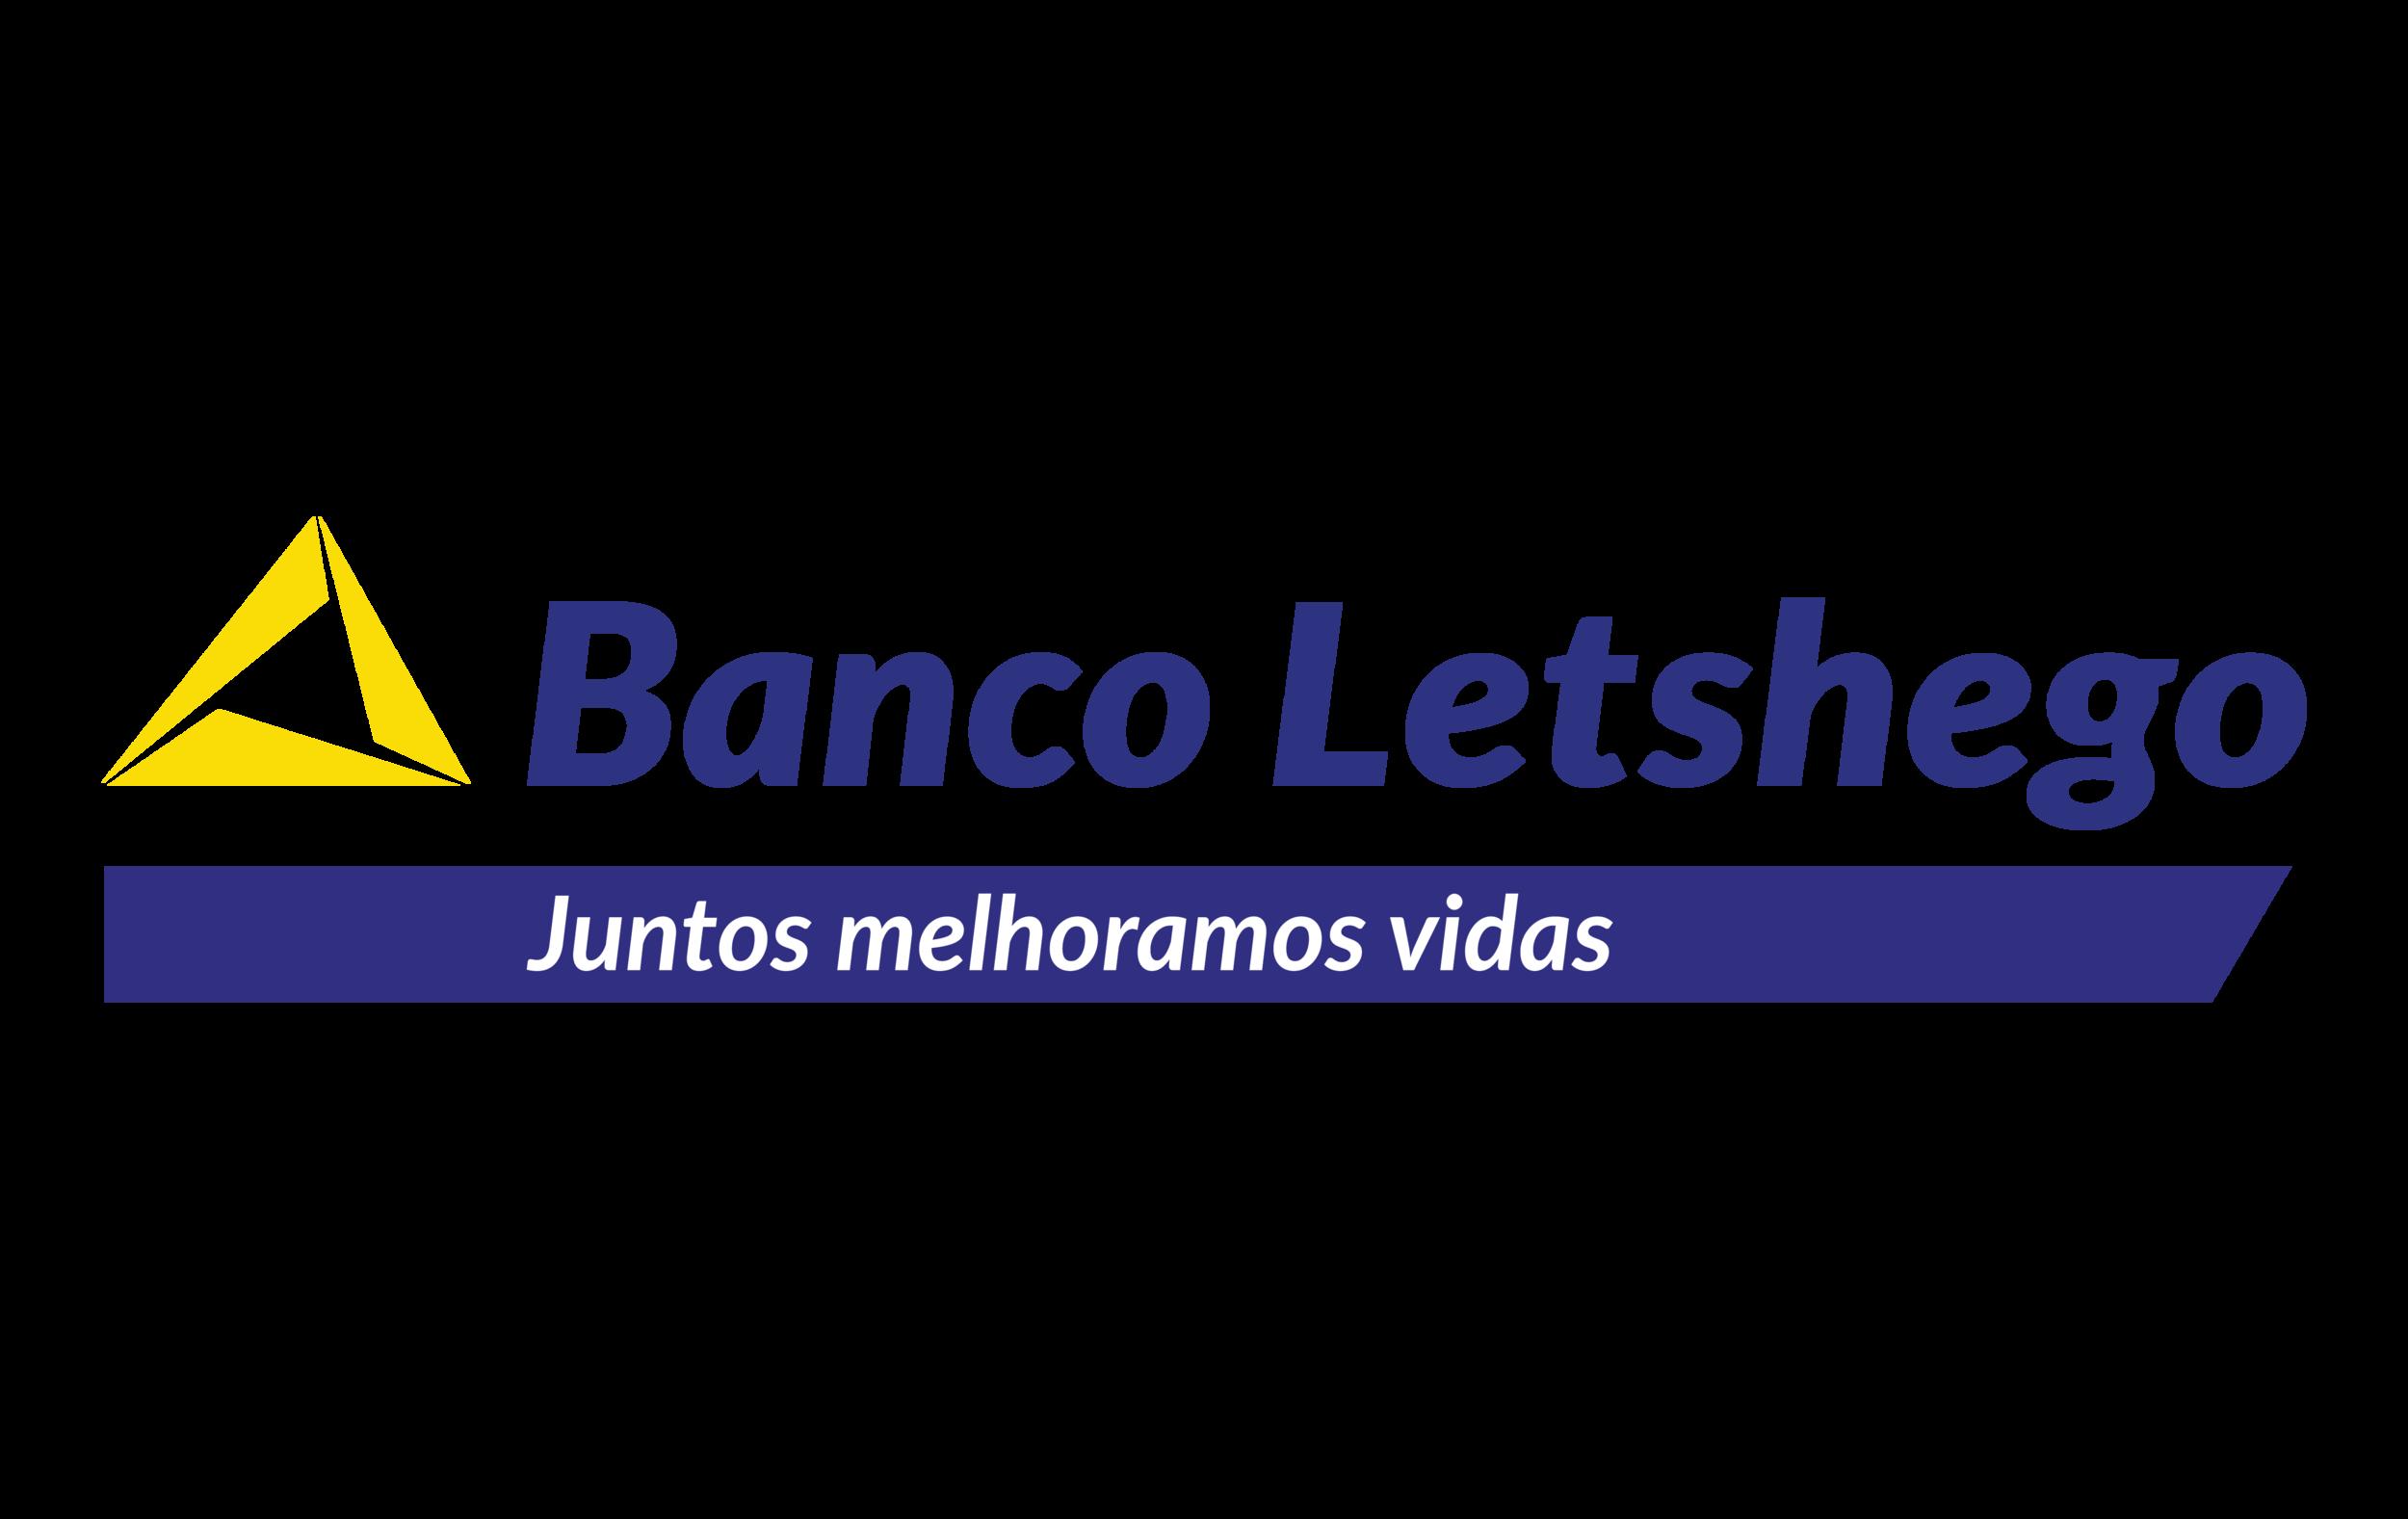 BancoLetshego_Logo_Variants-07.png